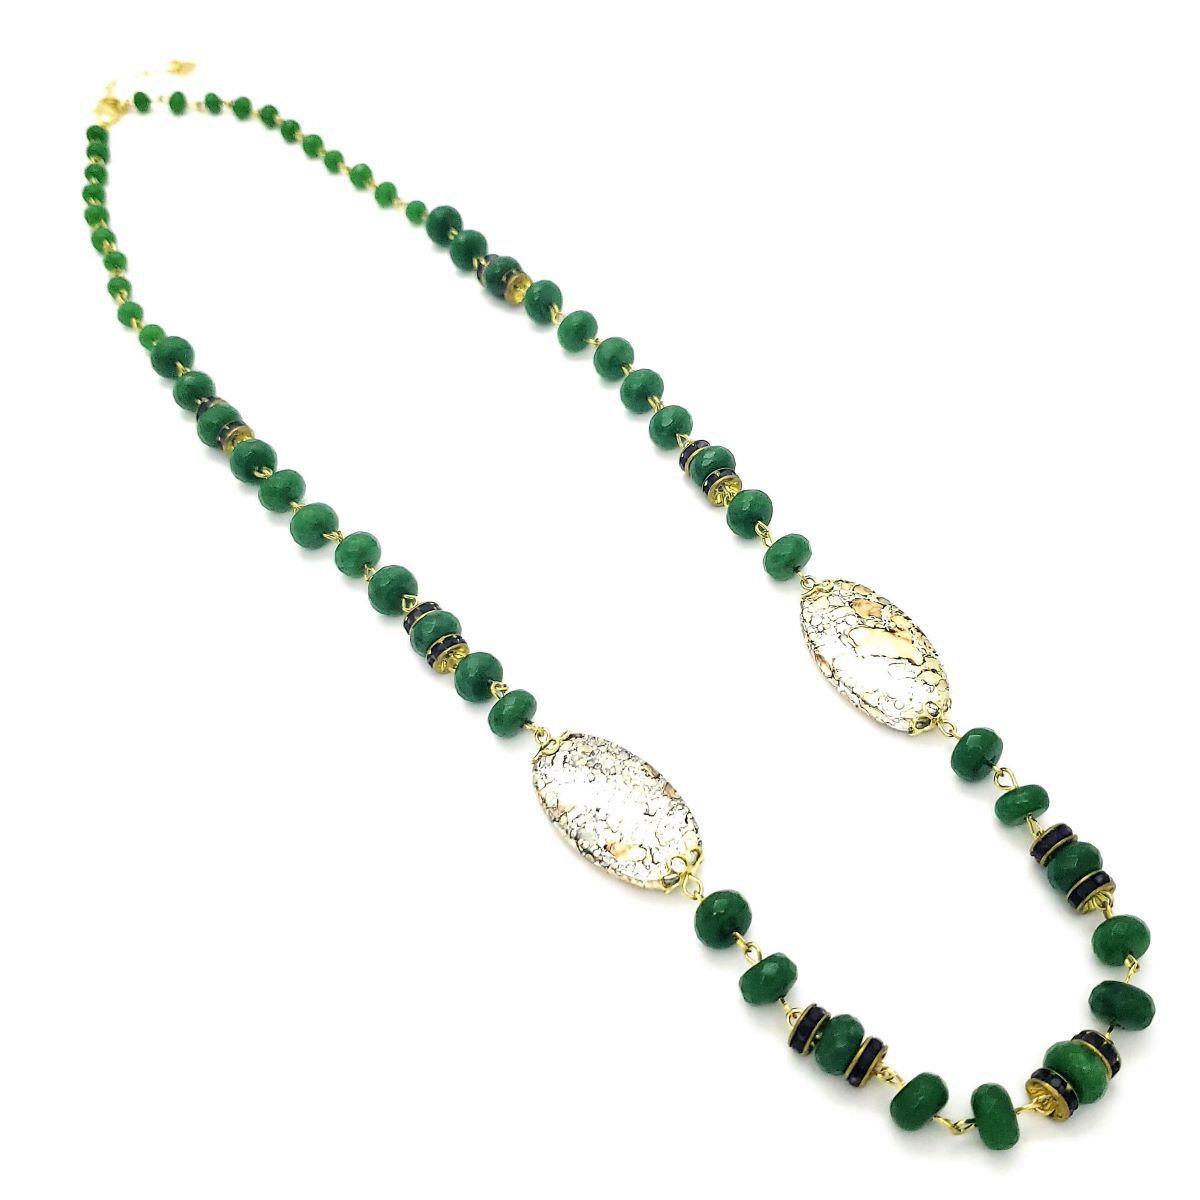 Colar Com Pedra Jade Esmeralda E Rondéis Ametista 80cm Banho De Ouro 18k 4505